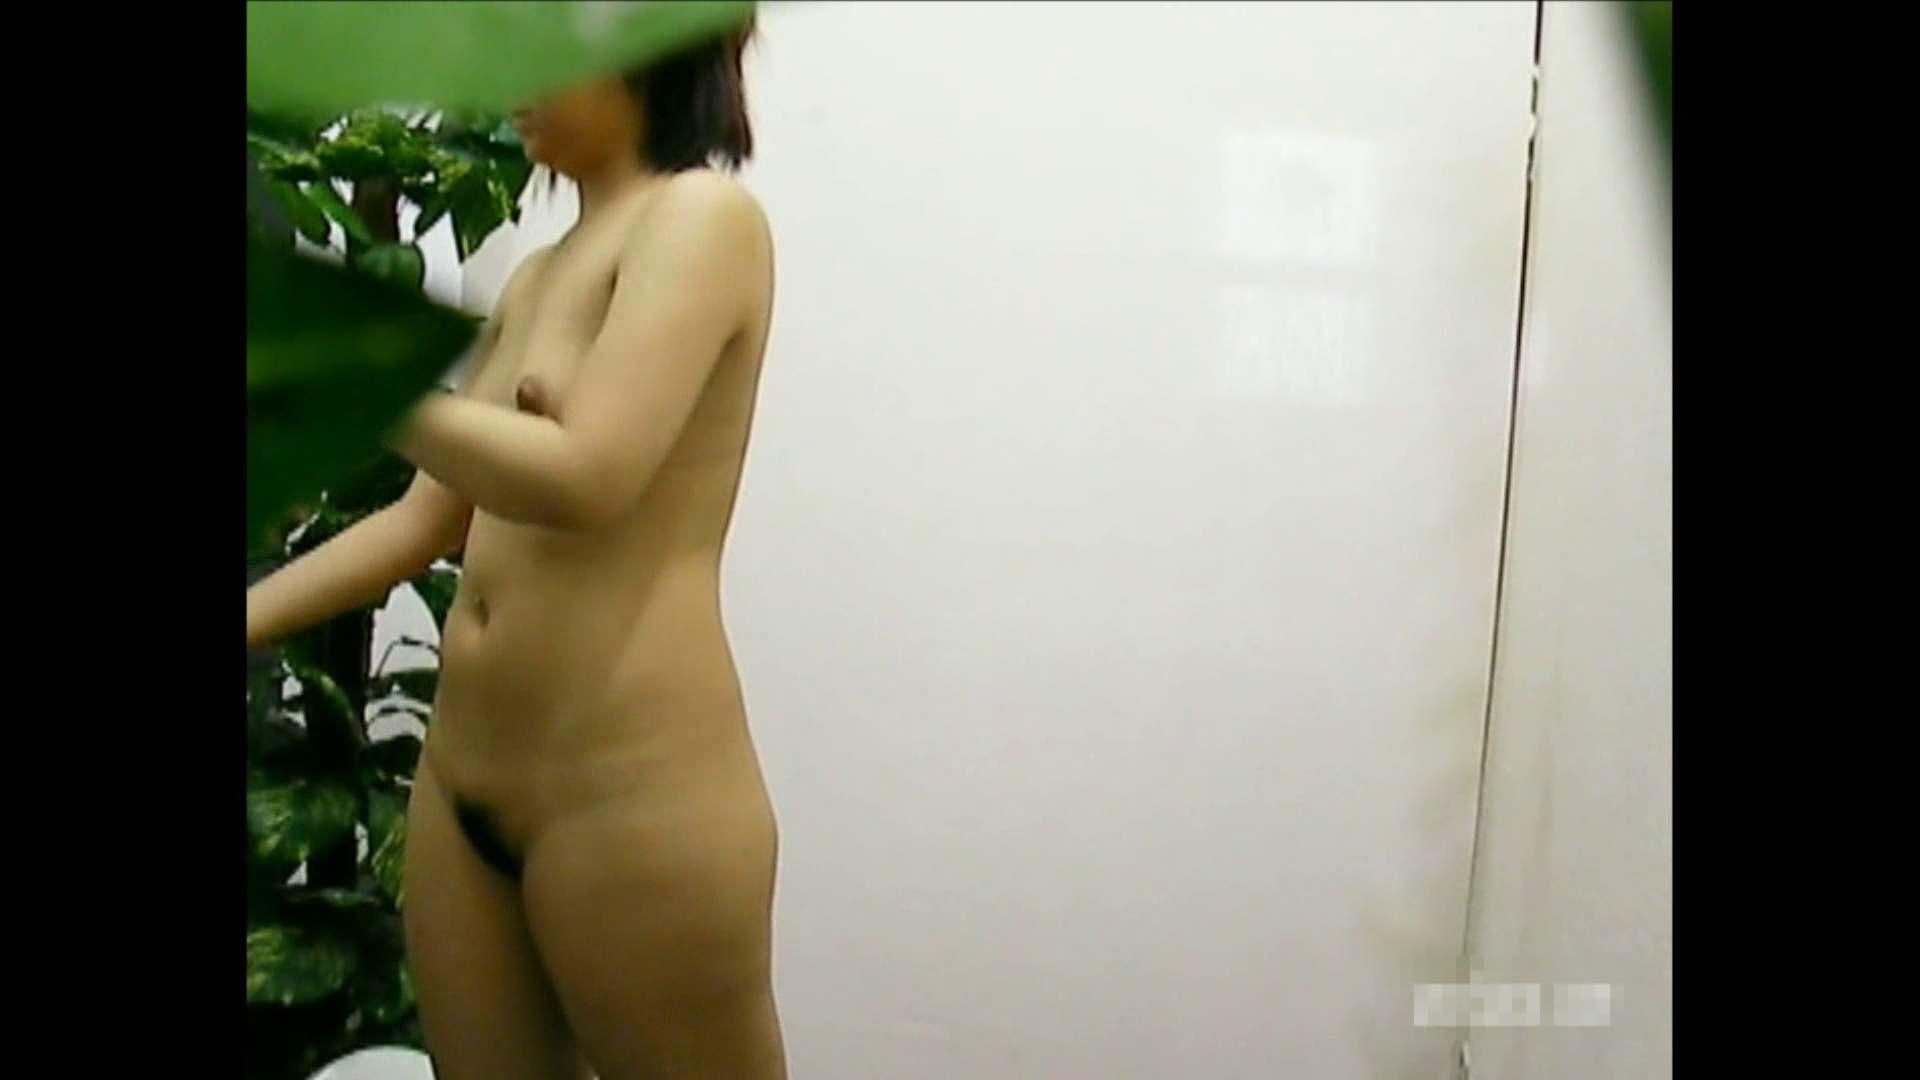 素人撮影 下着だけの撮影のはずが・・・地方から来た女の子 盗撮 アダルト動画キャプチャ 74pic 18